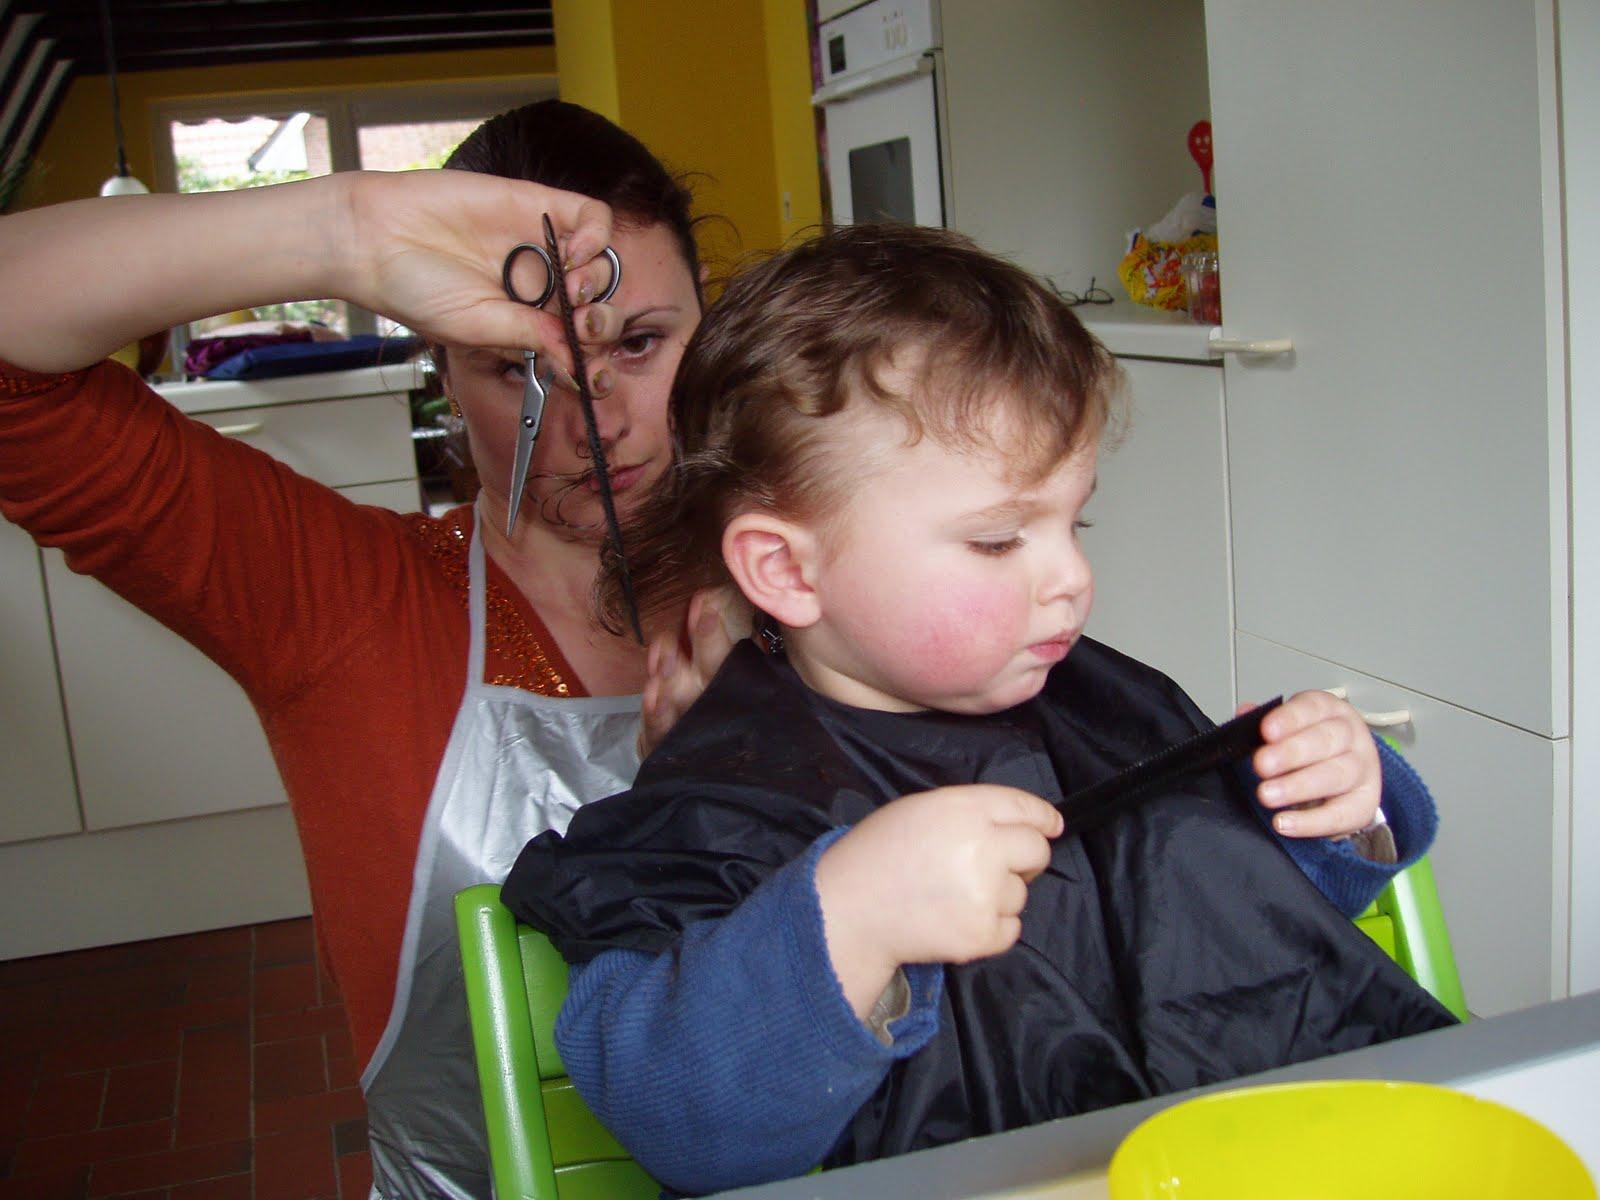 Primer corte de pelo del bebe